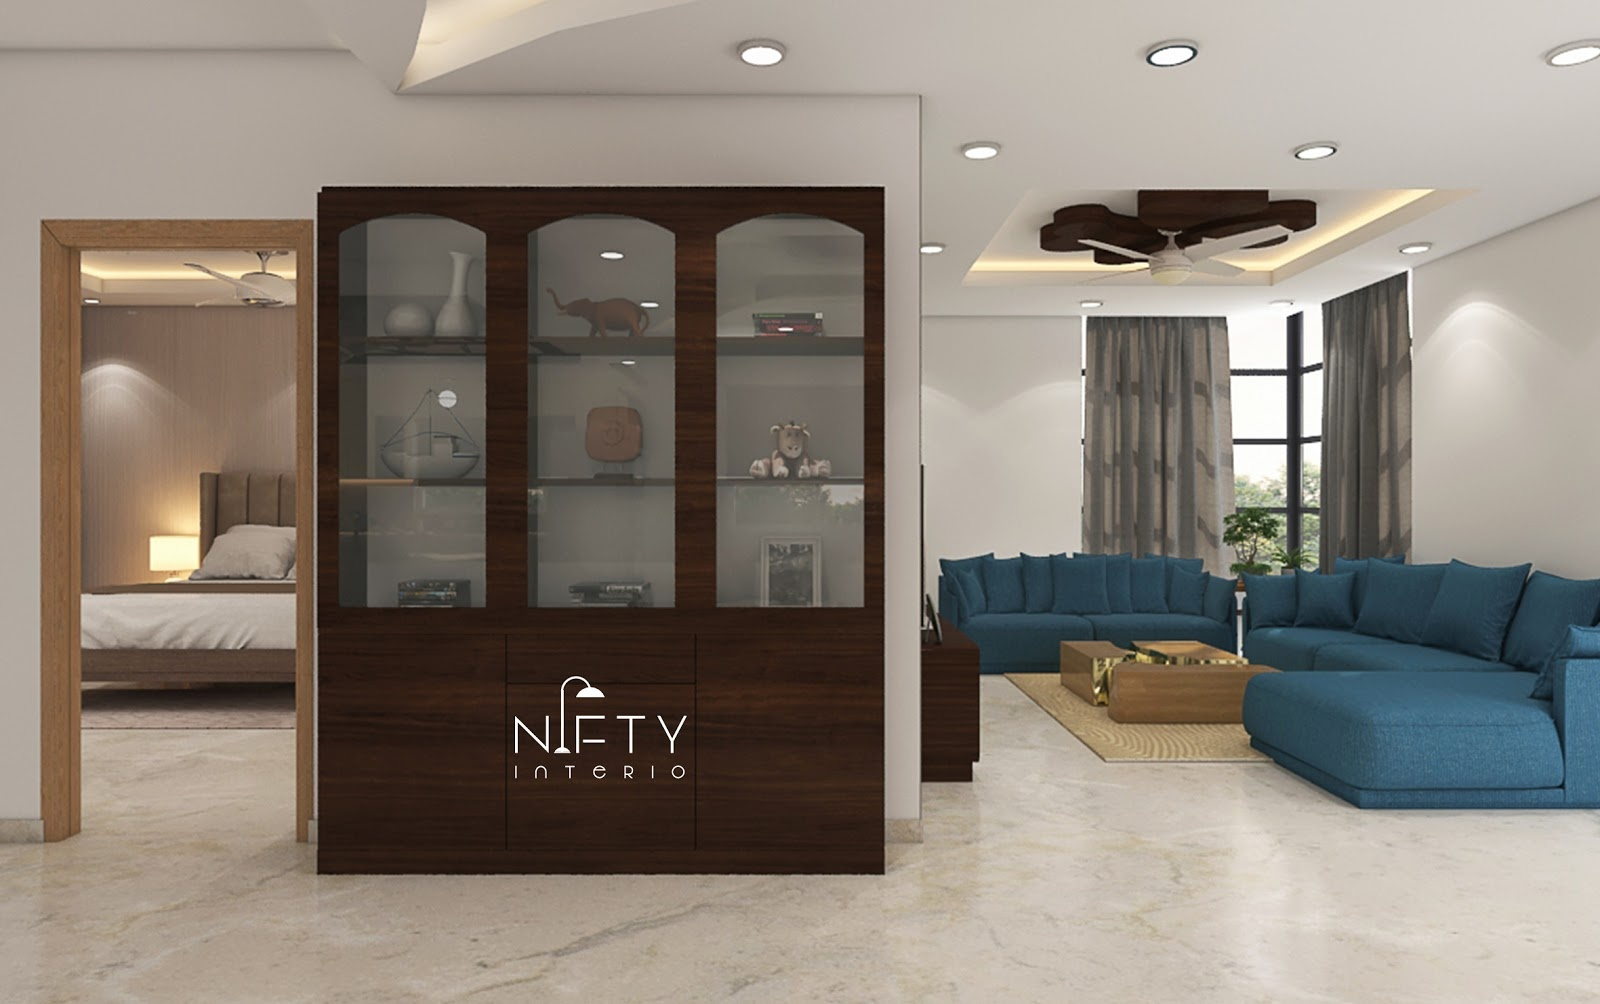 Interior Designing Or Product